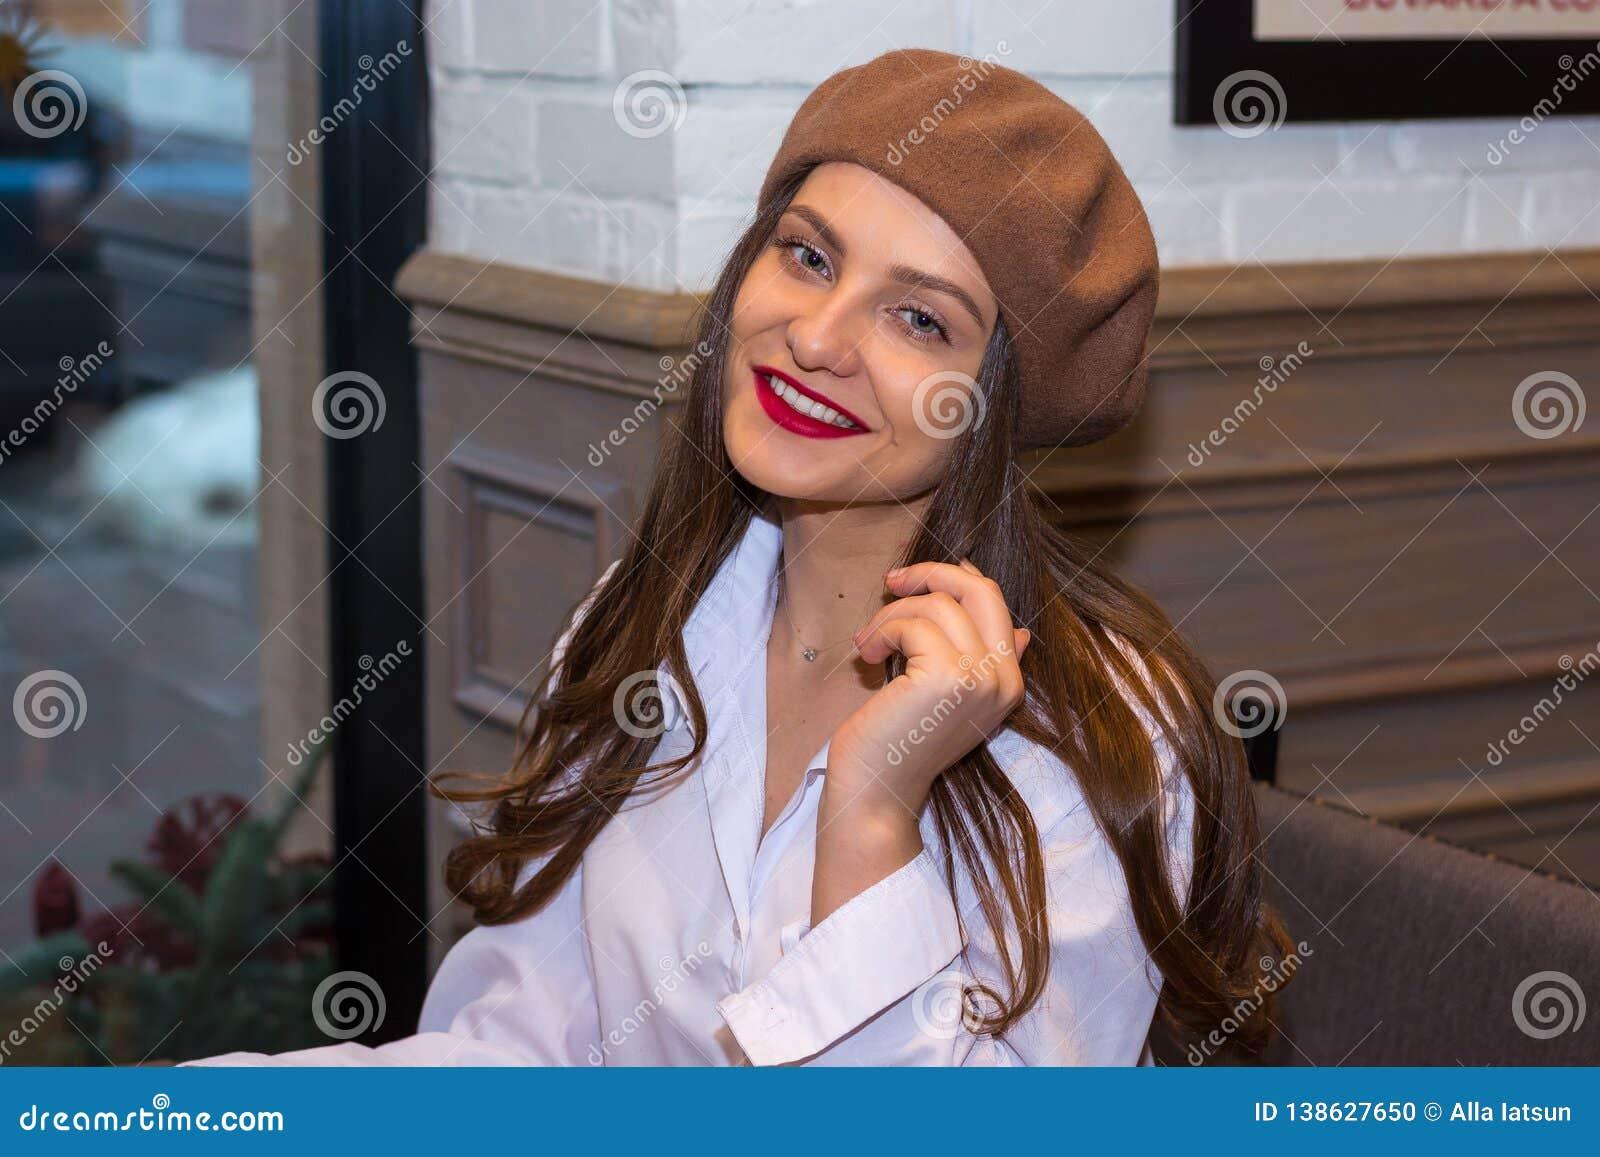 Красивая девушка в берете сидит около окна в кафе